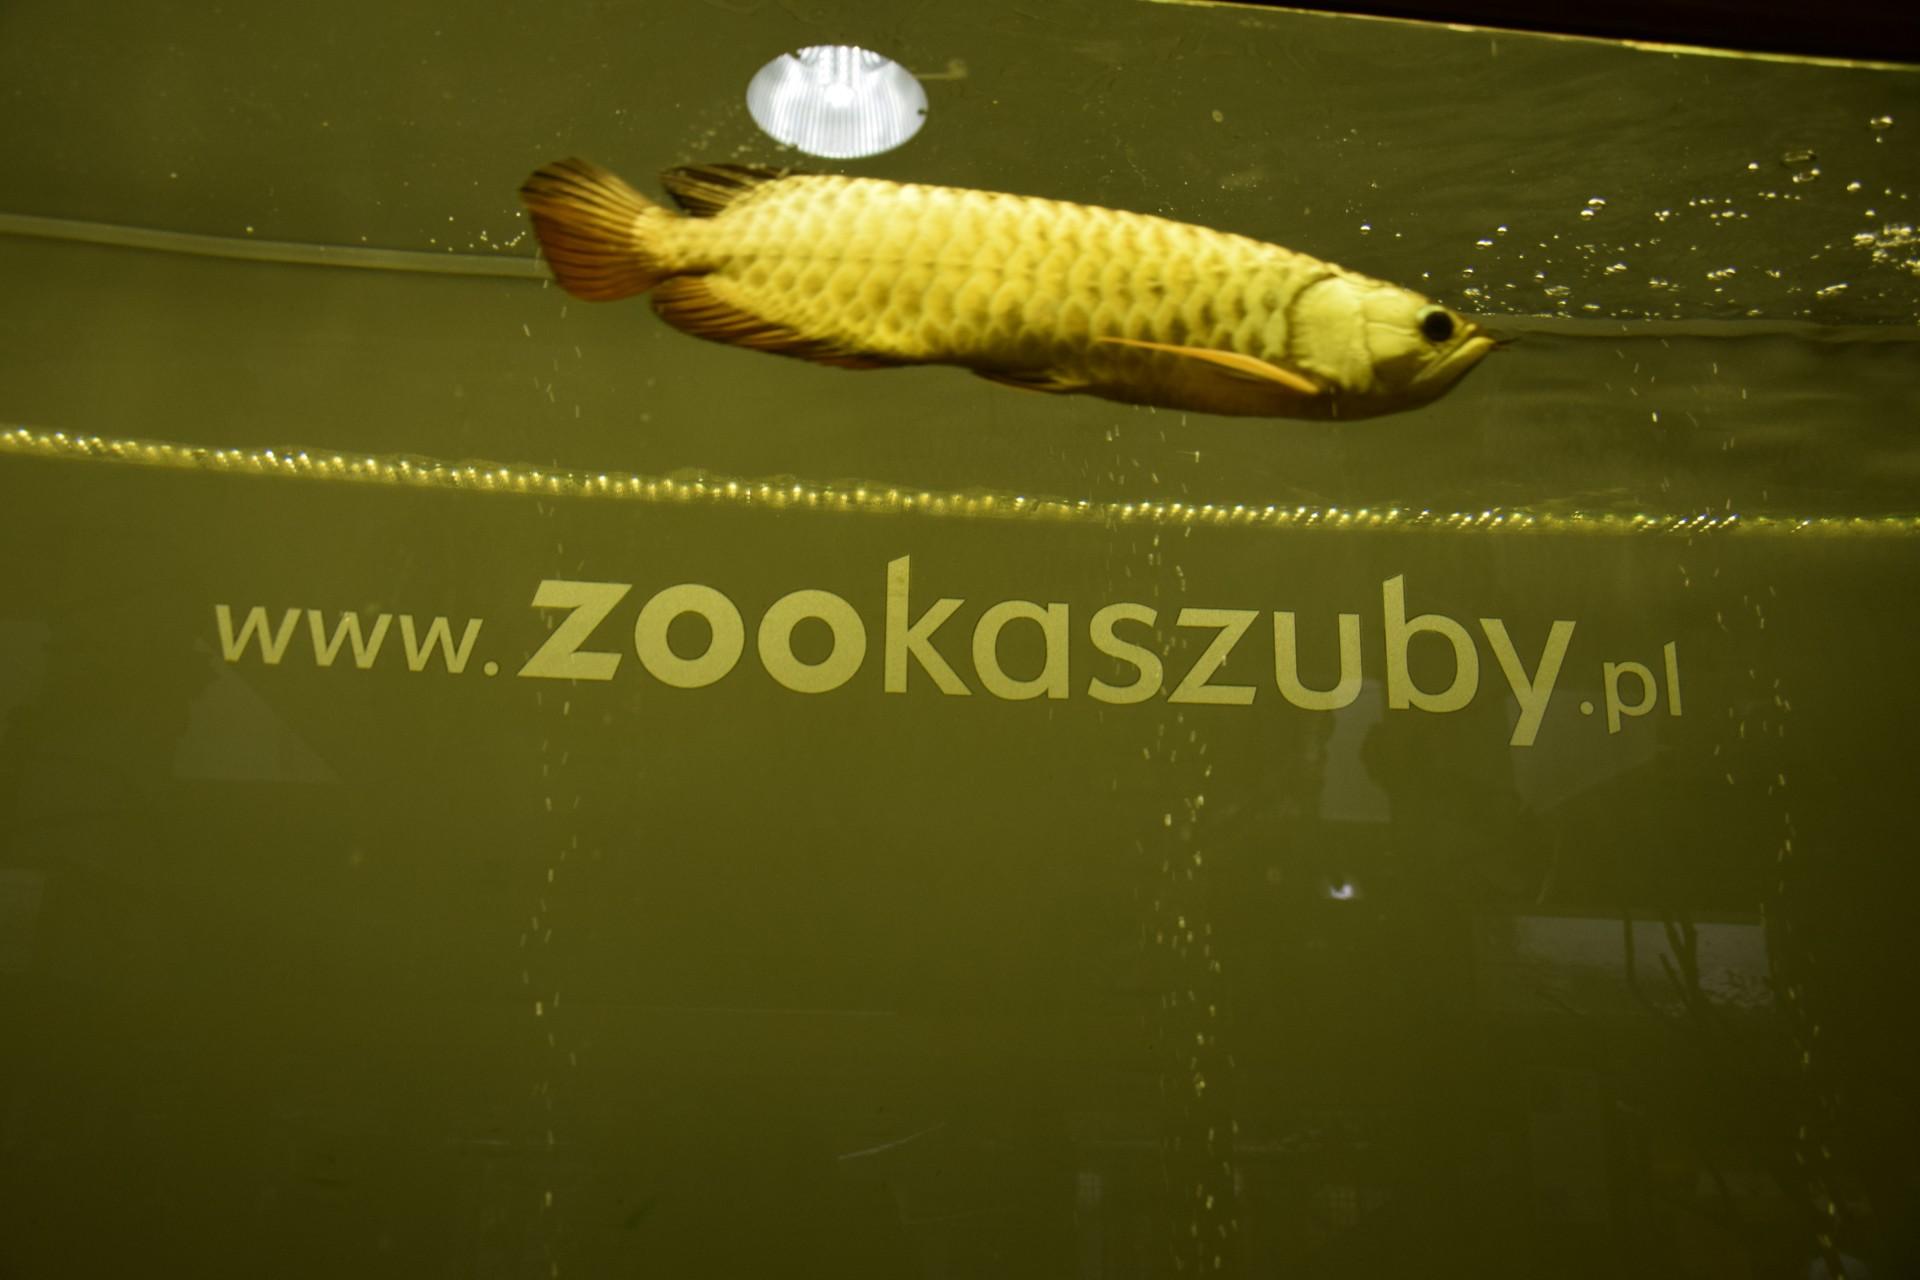 ZOO w Tuchlinie. Egzotyczne Kaszuby. Fot. Tomasz Słomczyński/Magazyn Kaszuby